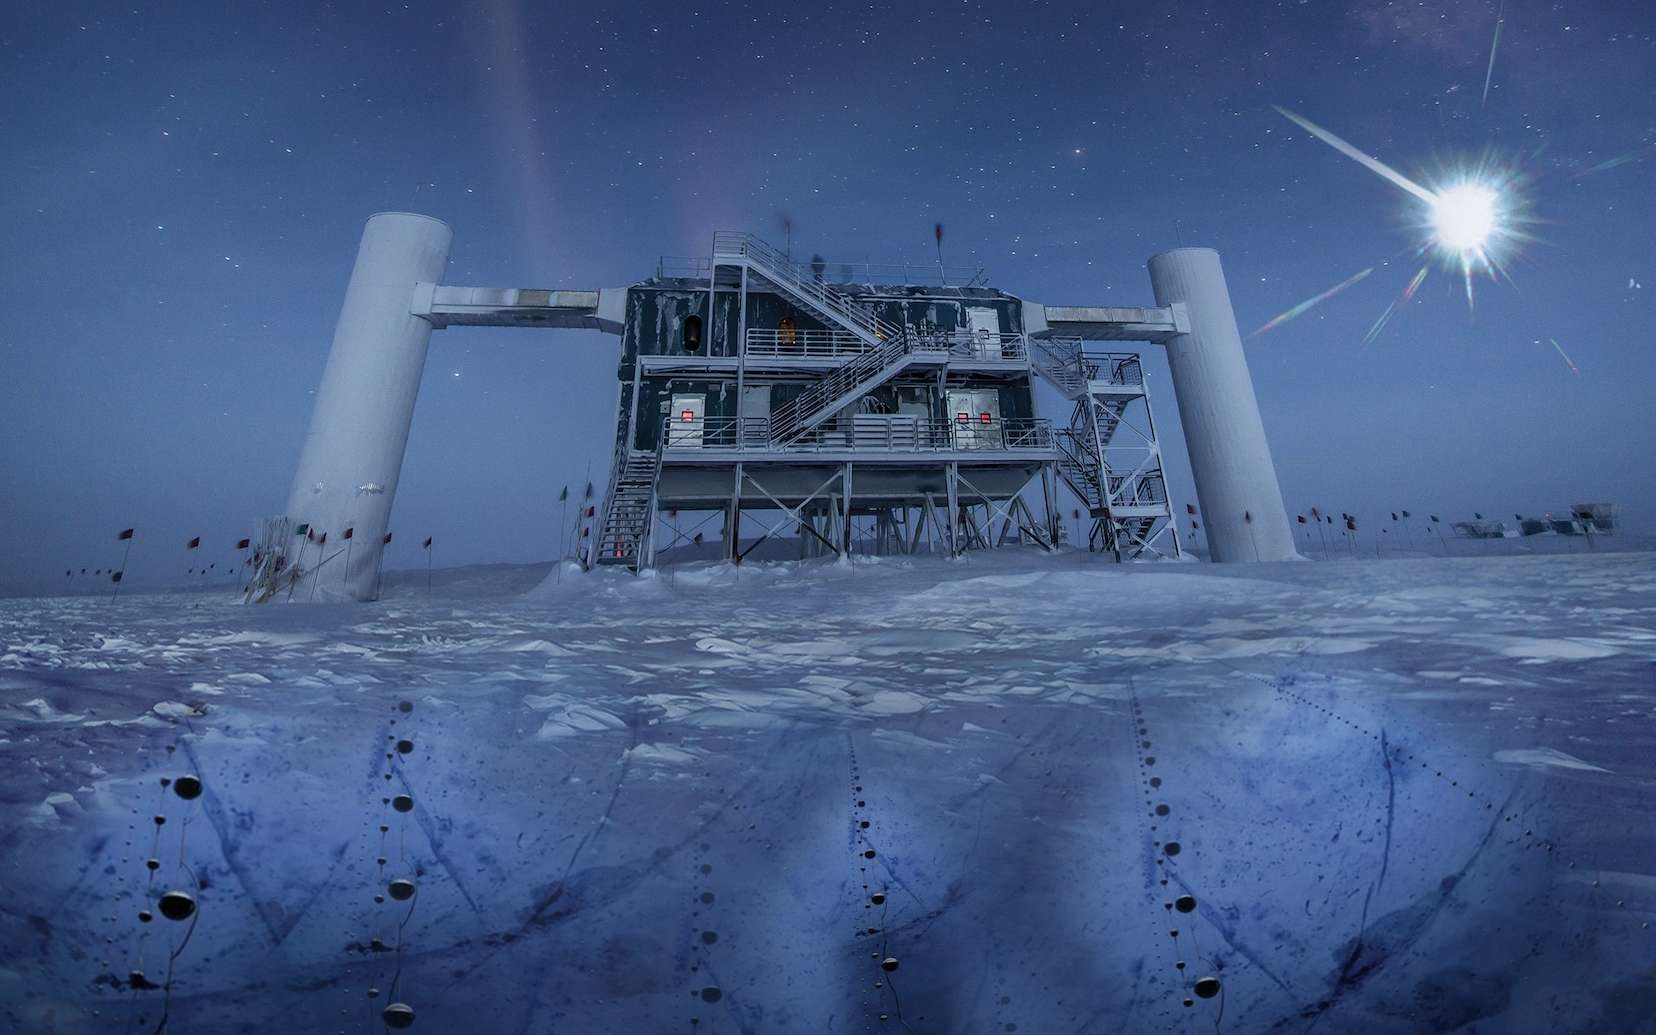 Une vue des bâtiments de surface du détecteur géant de neutrinos IceCube, en Antarctique. La pureté de la glace à plus d'un kilomètre de profondeur permet à plus de 5.000 photomultiplicateurs d'enregistrer avec précision les flashs bleutés très ténus générés par les muons issus de la collision des neutrinos avec les noyaux atomiques dans la glace. La construction de IceCube a commencé en 2005, mais le détecteur est une version plus grande d'Amanda, qui date du début des années 1990. © Felipe Pedreros, IceCube, NSF